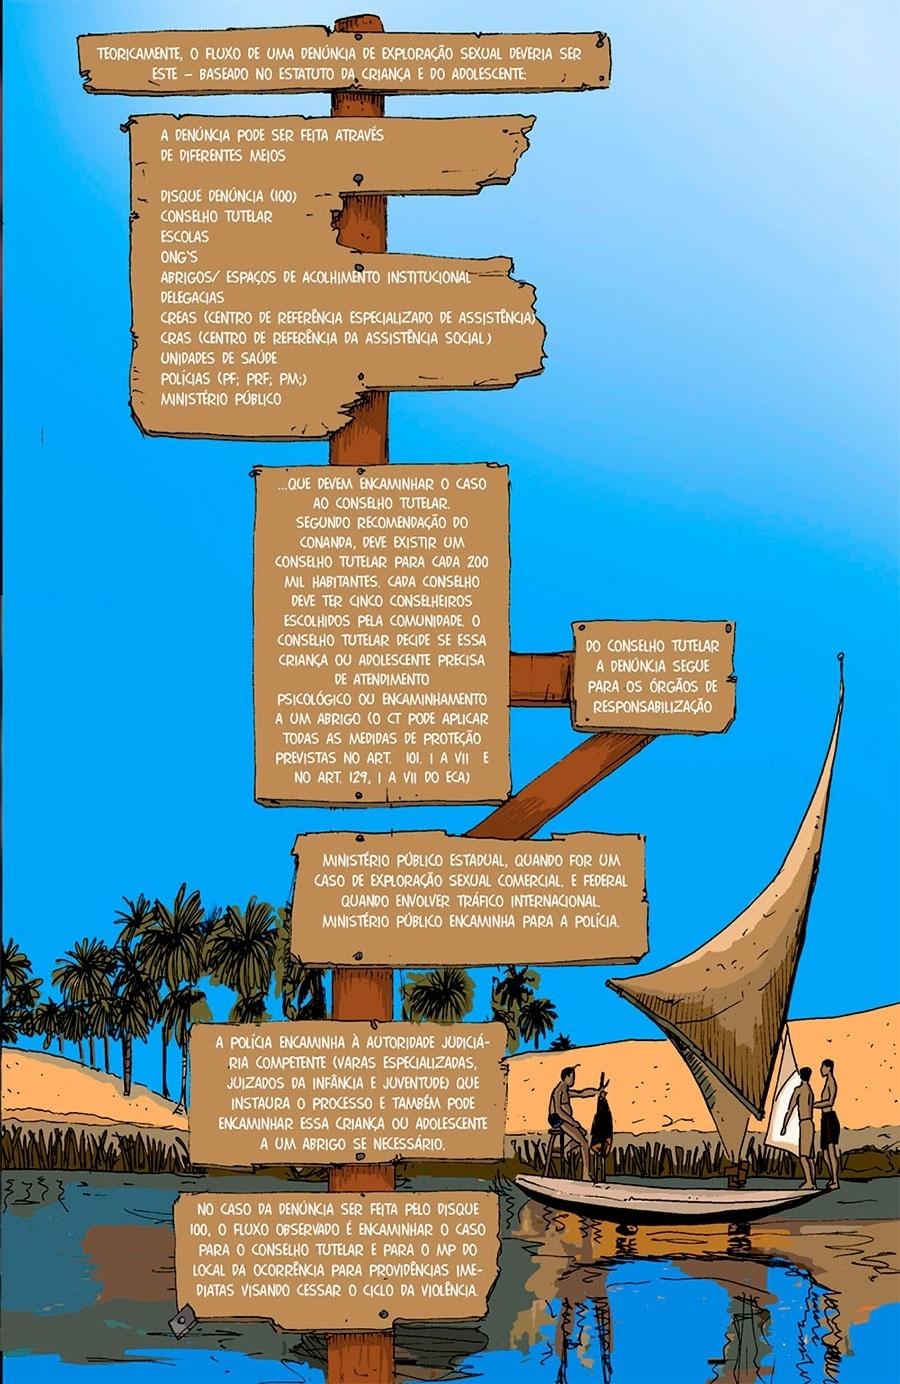 Capítulo 1: Denúncias sobre exploração podem ser feitas por vários meios, como pelo disque-denúncia ou pelo Conselho Tutelar. O Conselho remete o caso para Ministério Público, a polícia investiga e o caso segue para a Justiça